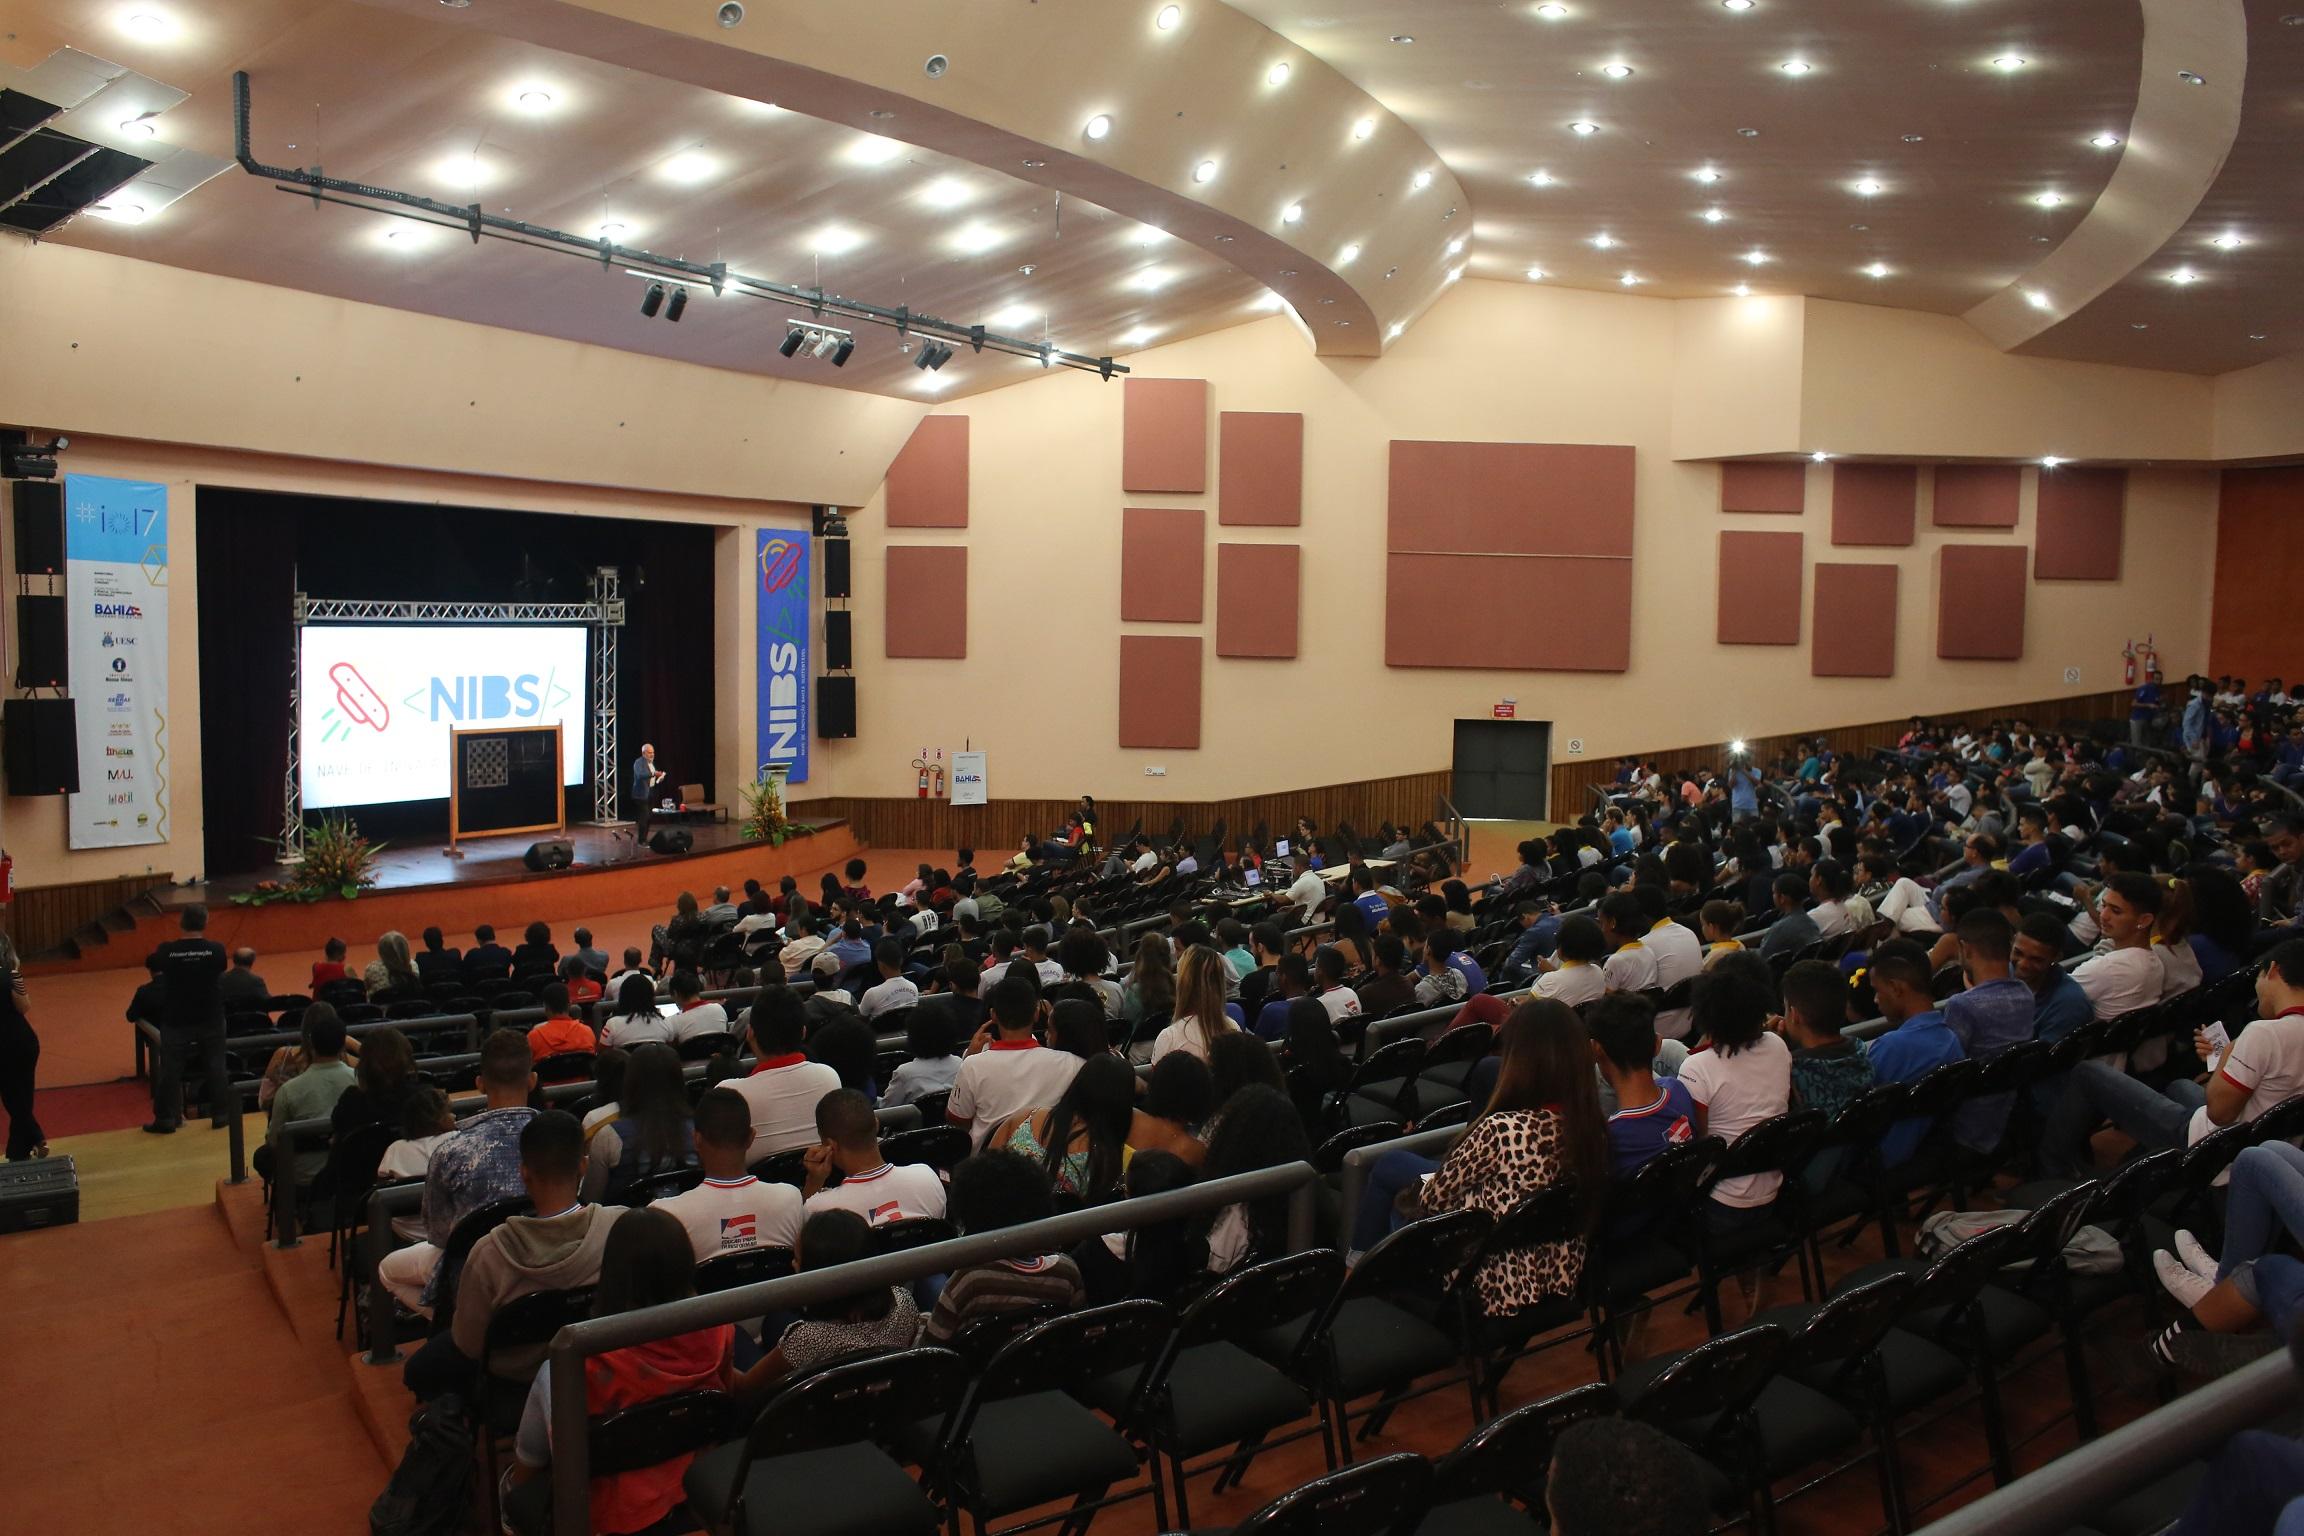 Evento de tecnologia em Ilhéus 'NIBS' contou com mais de 60 horas de palestras e conferências